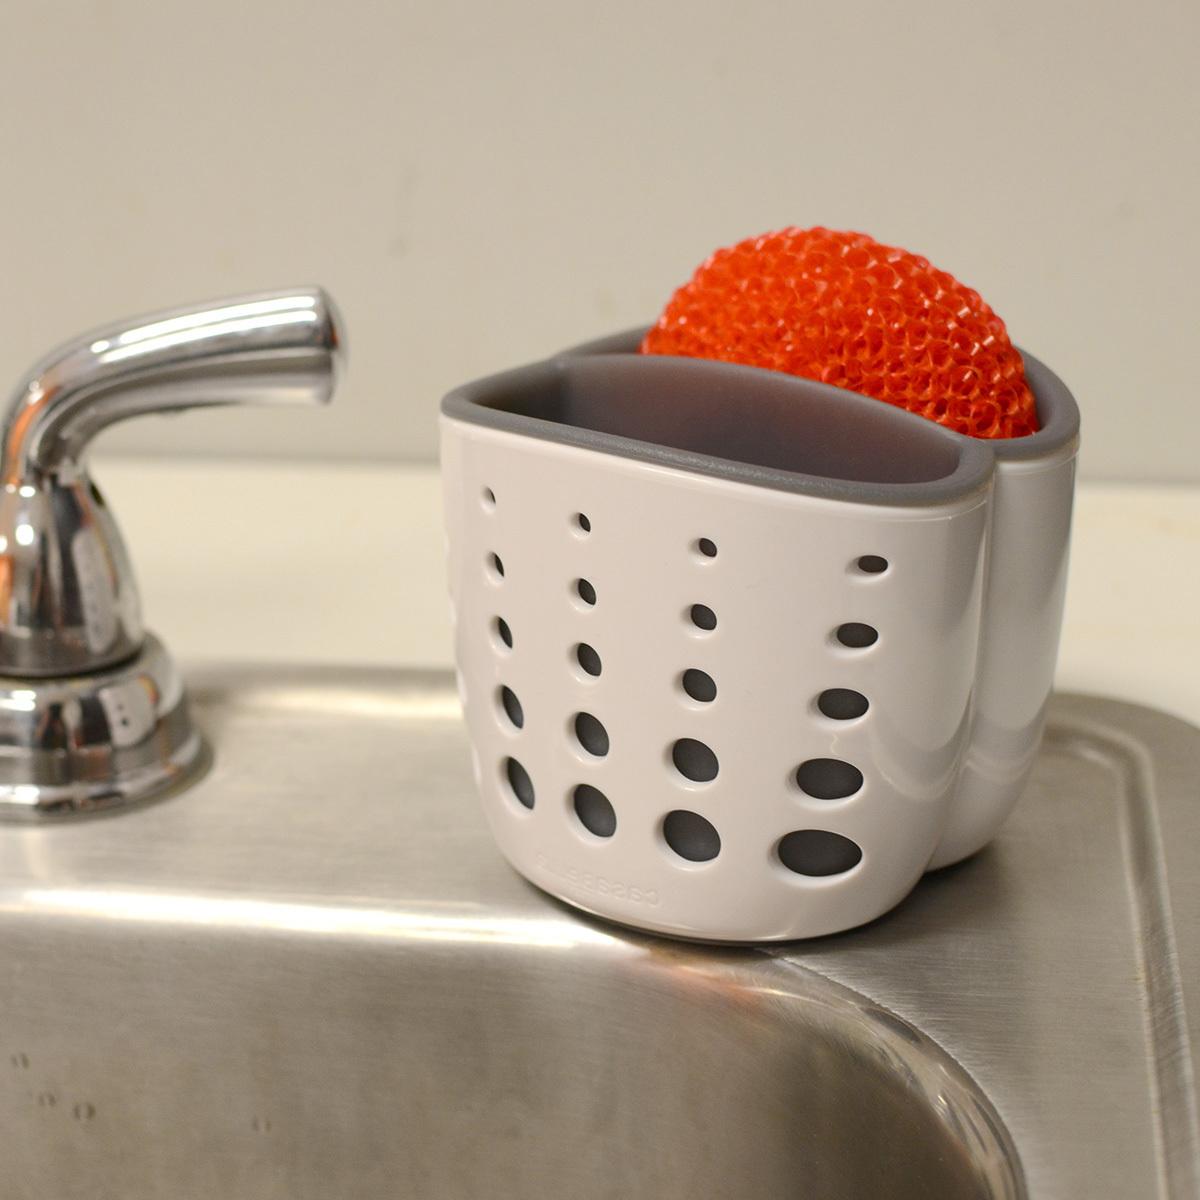 Giỏ đựng đồ cọ rửa dùng trong bếp